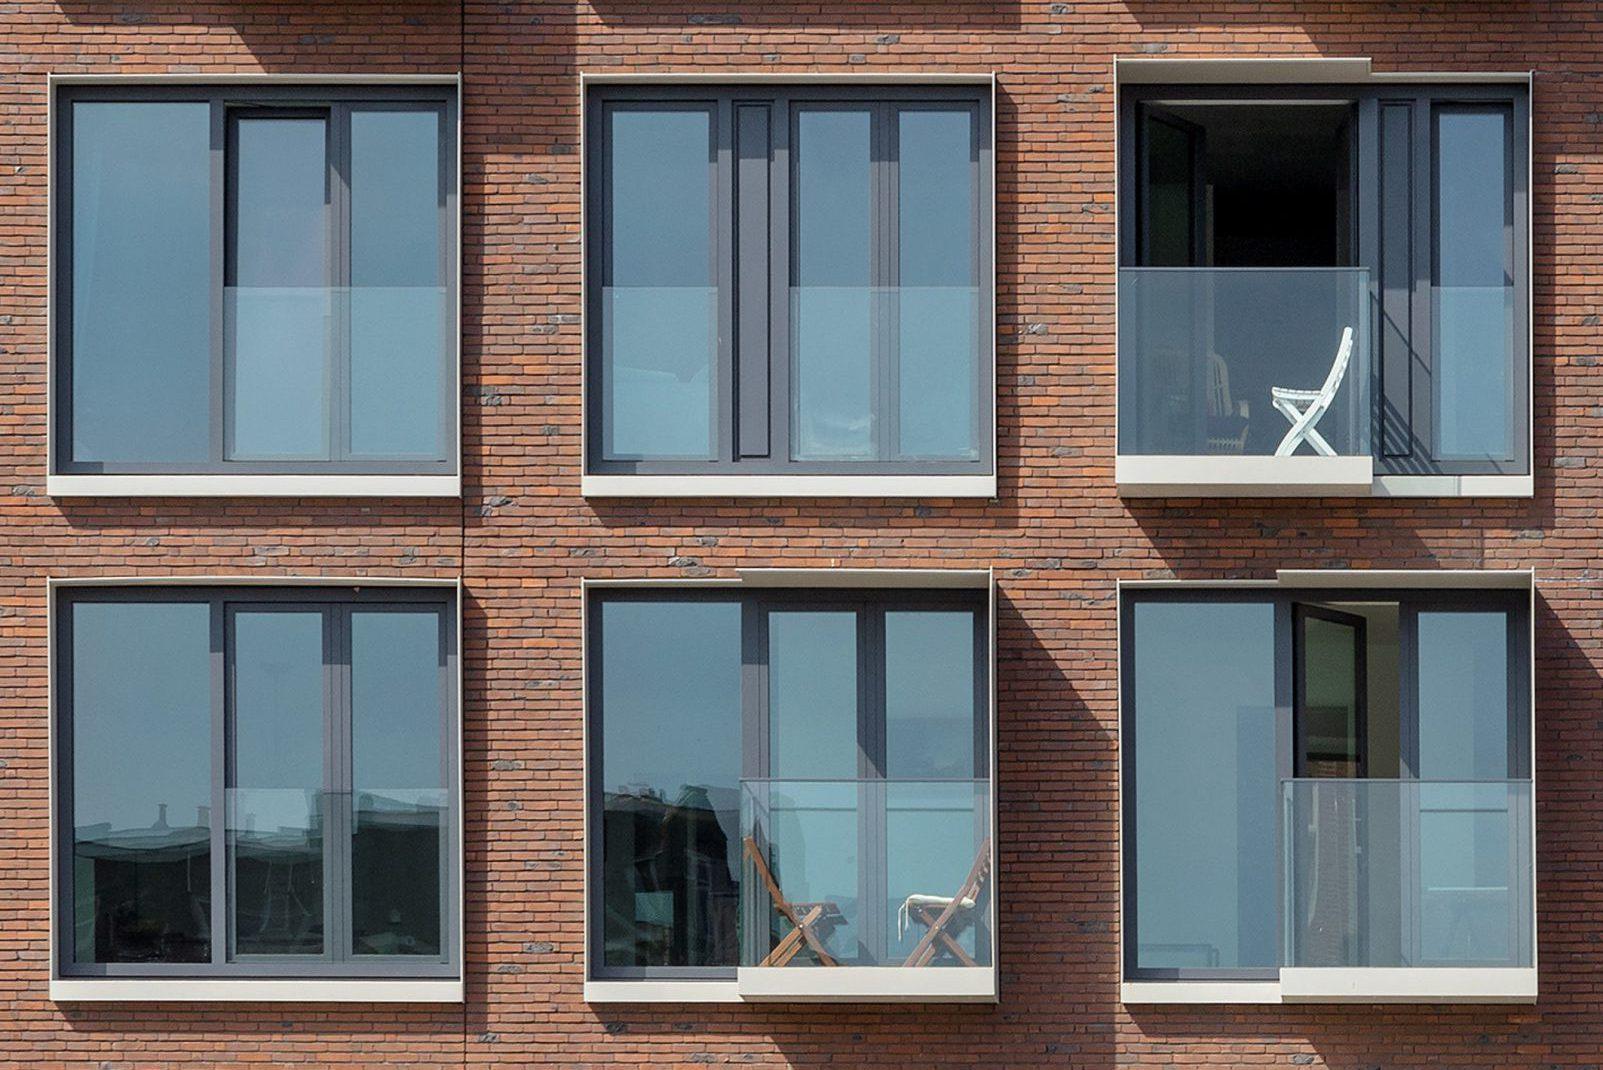 balkons, stalen kader, de hallen